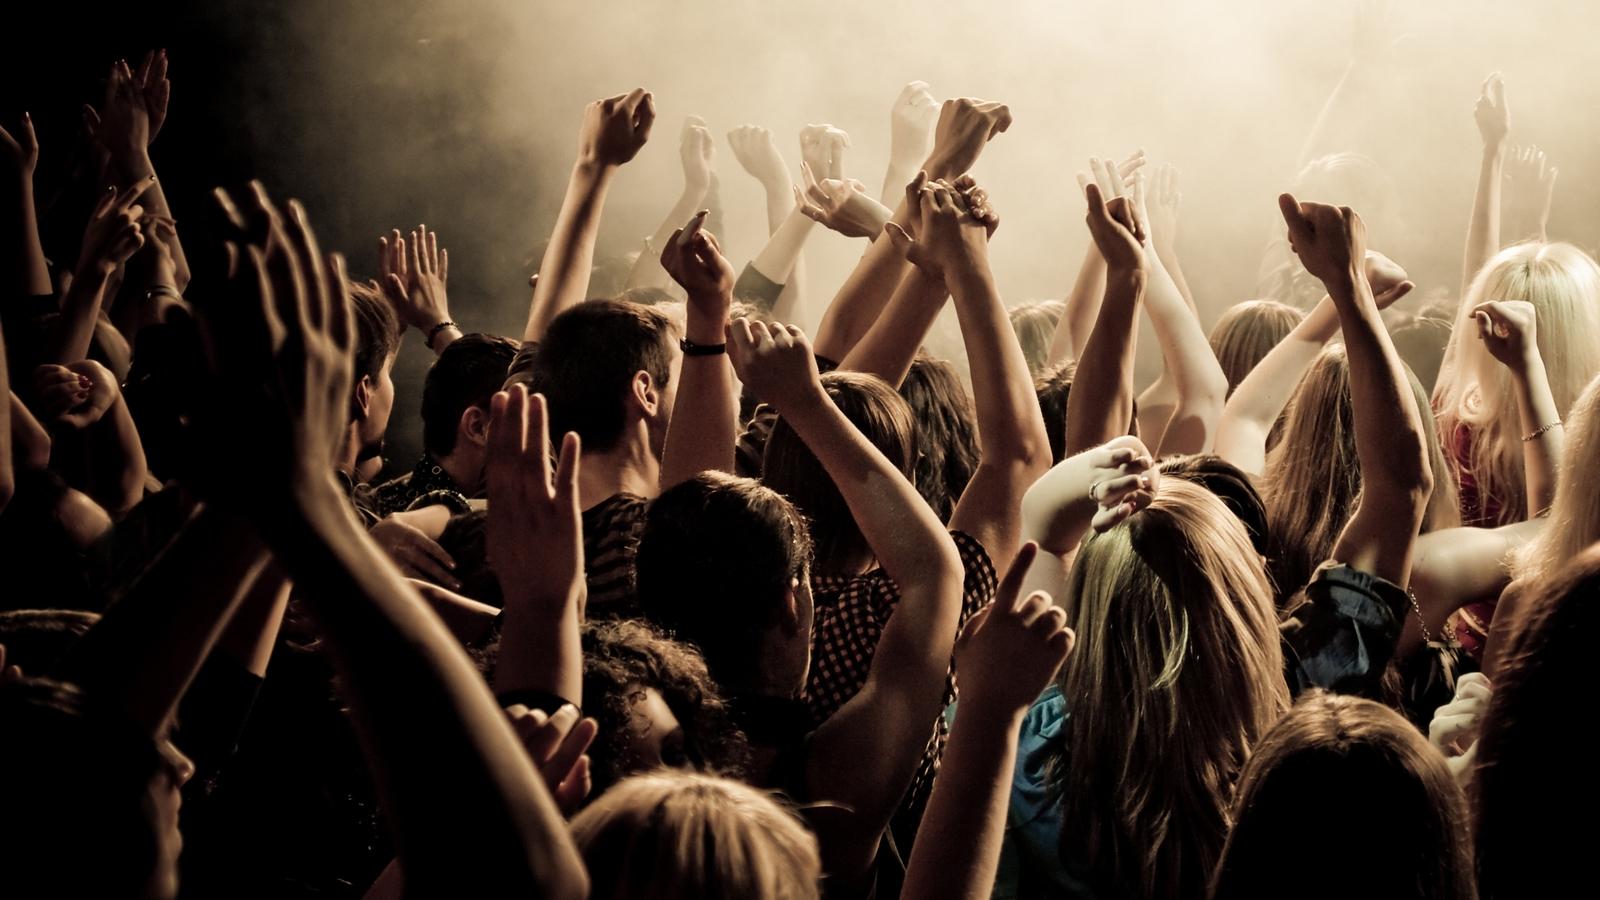 ¿Sabías que la Música fue el Vehículo para Extender la Revolución Sexual?